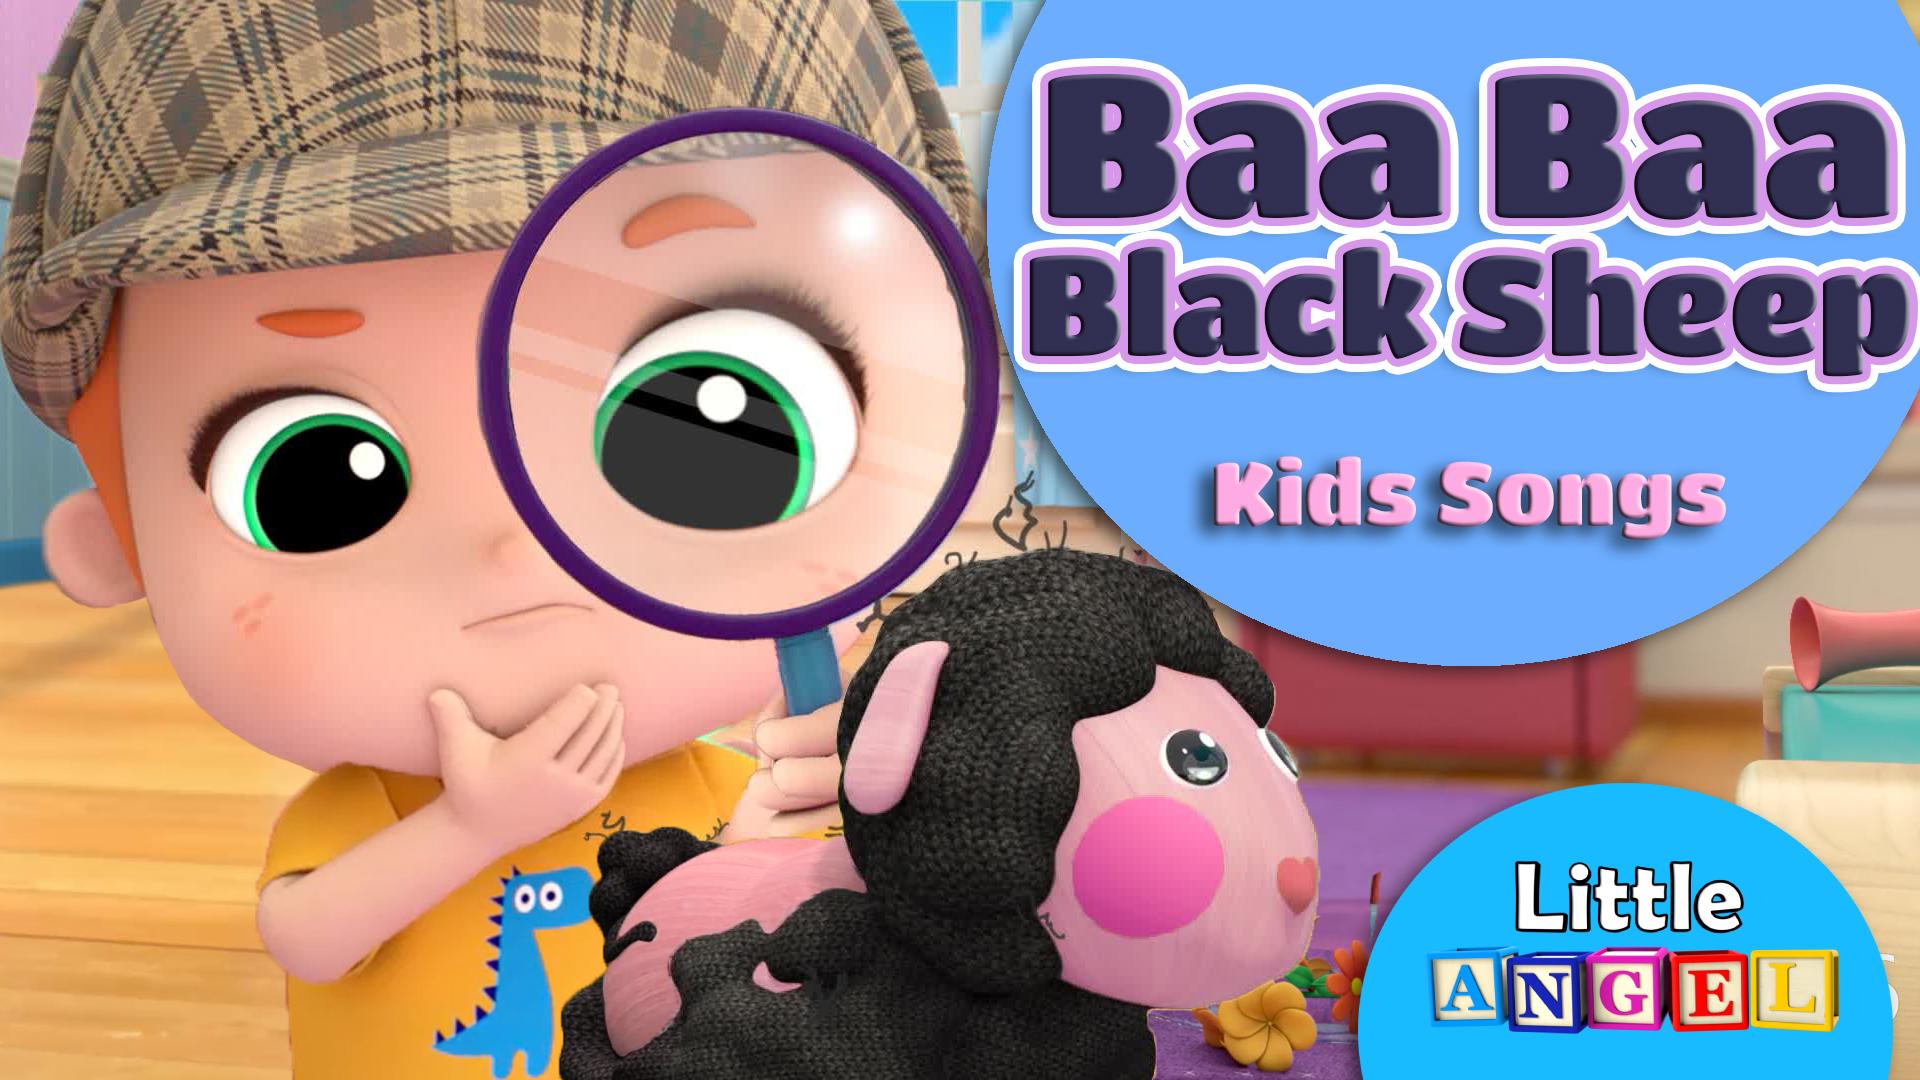 Baa Baa Black Sheep Kids Songs